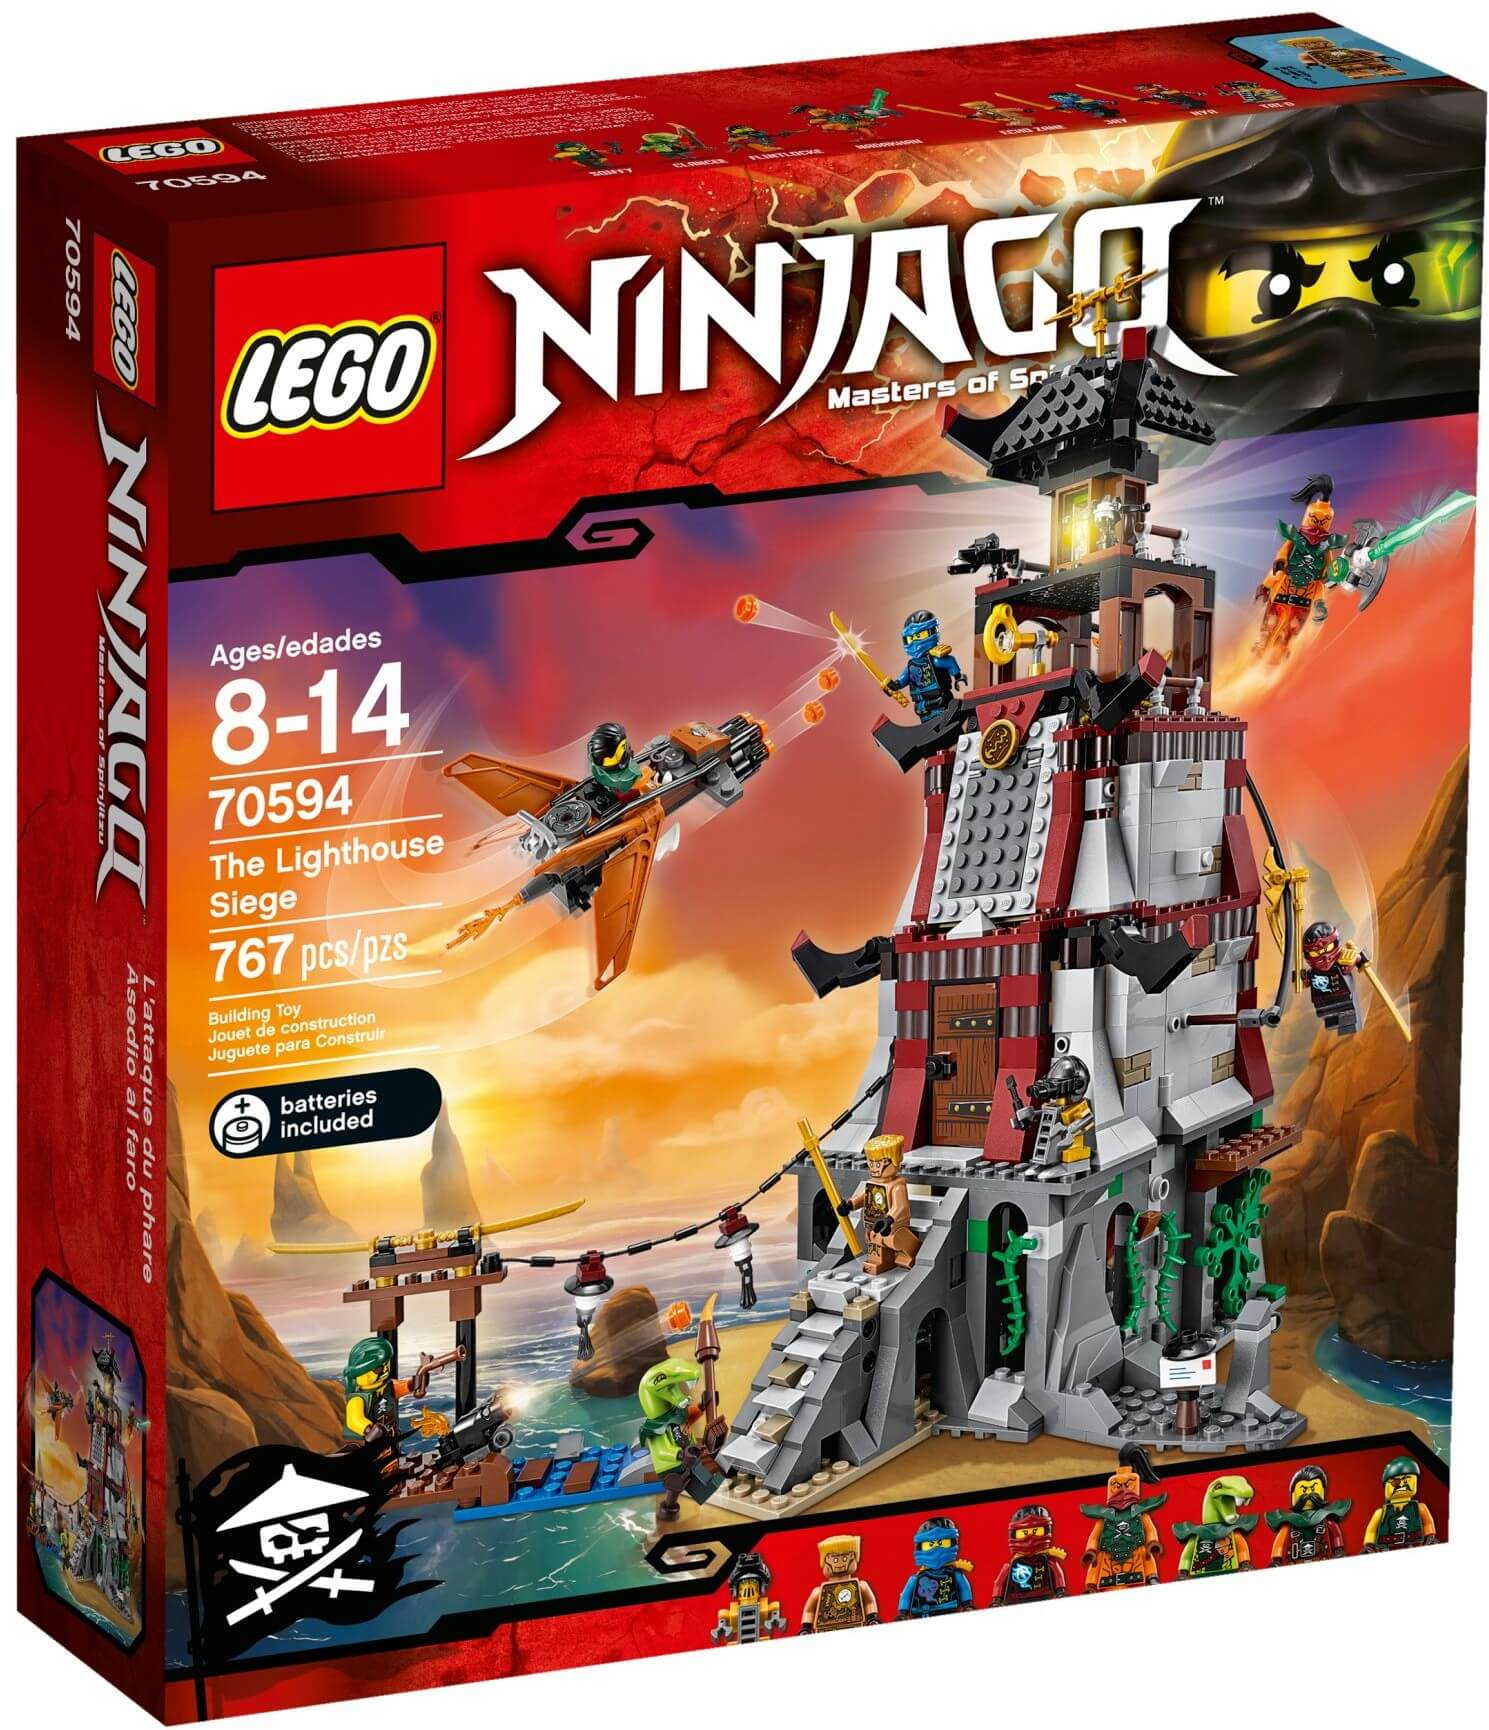 Mua đồ chơi LEGO 70594 - LEGO Ninjago 70594 - Cuộc Chiến Ngọn Hải Đăng (LEGO Ninjago The Lighthouse Siege 70594)